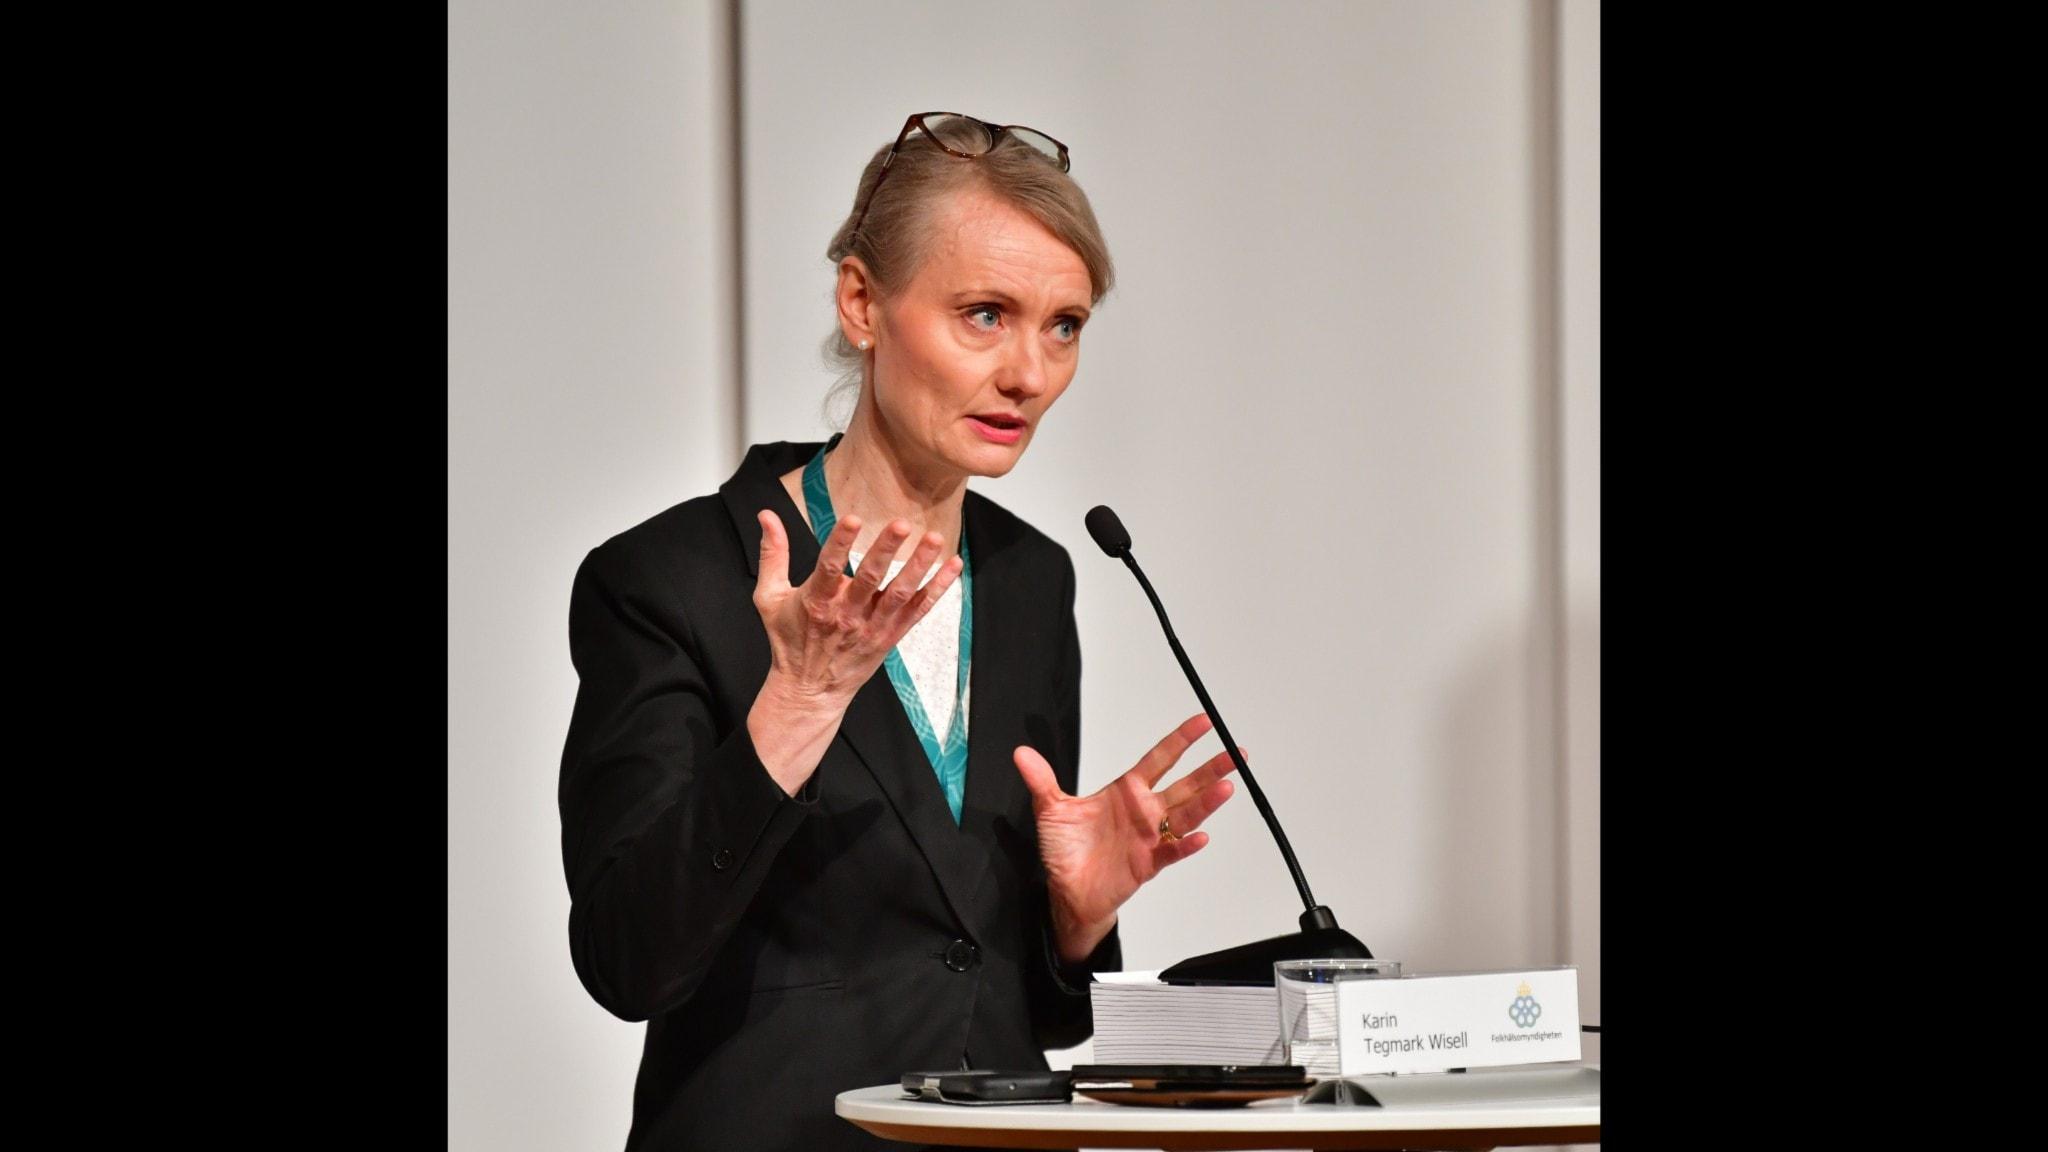 Karin Tegmark Wisell FOlkhälsomyndigheten